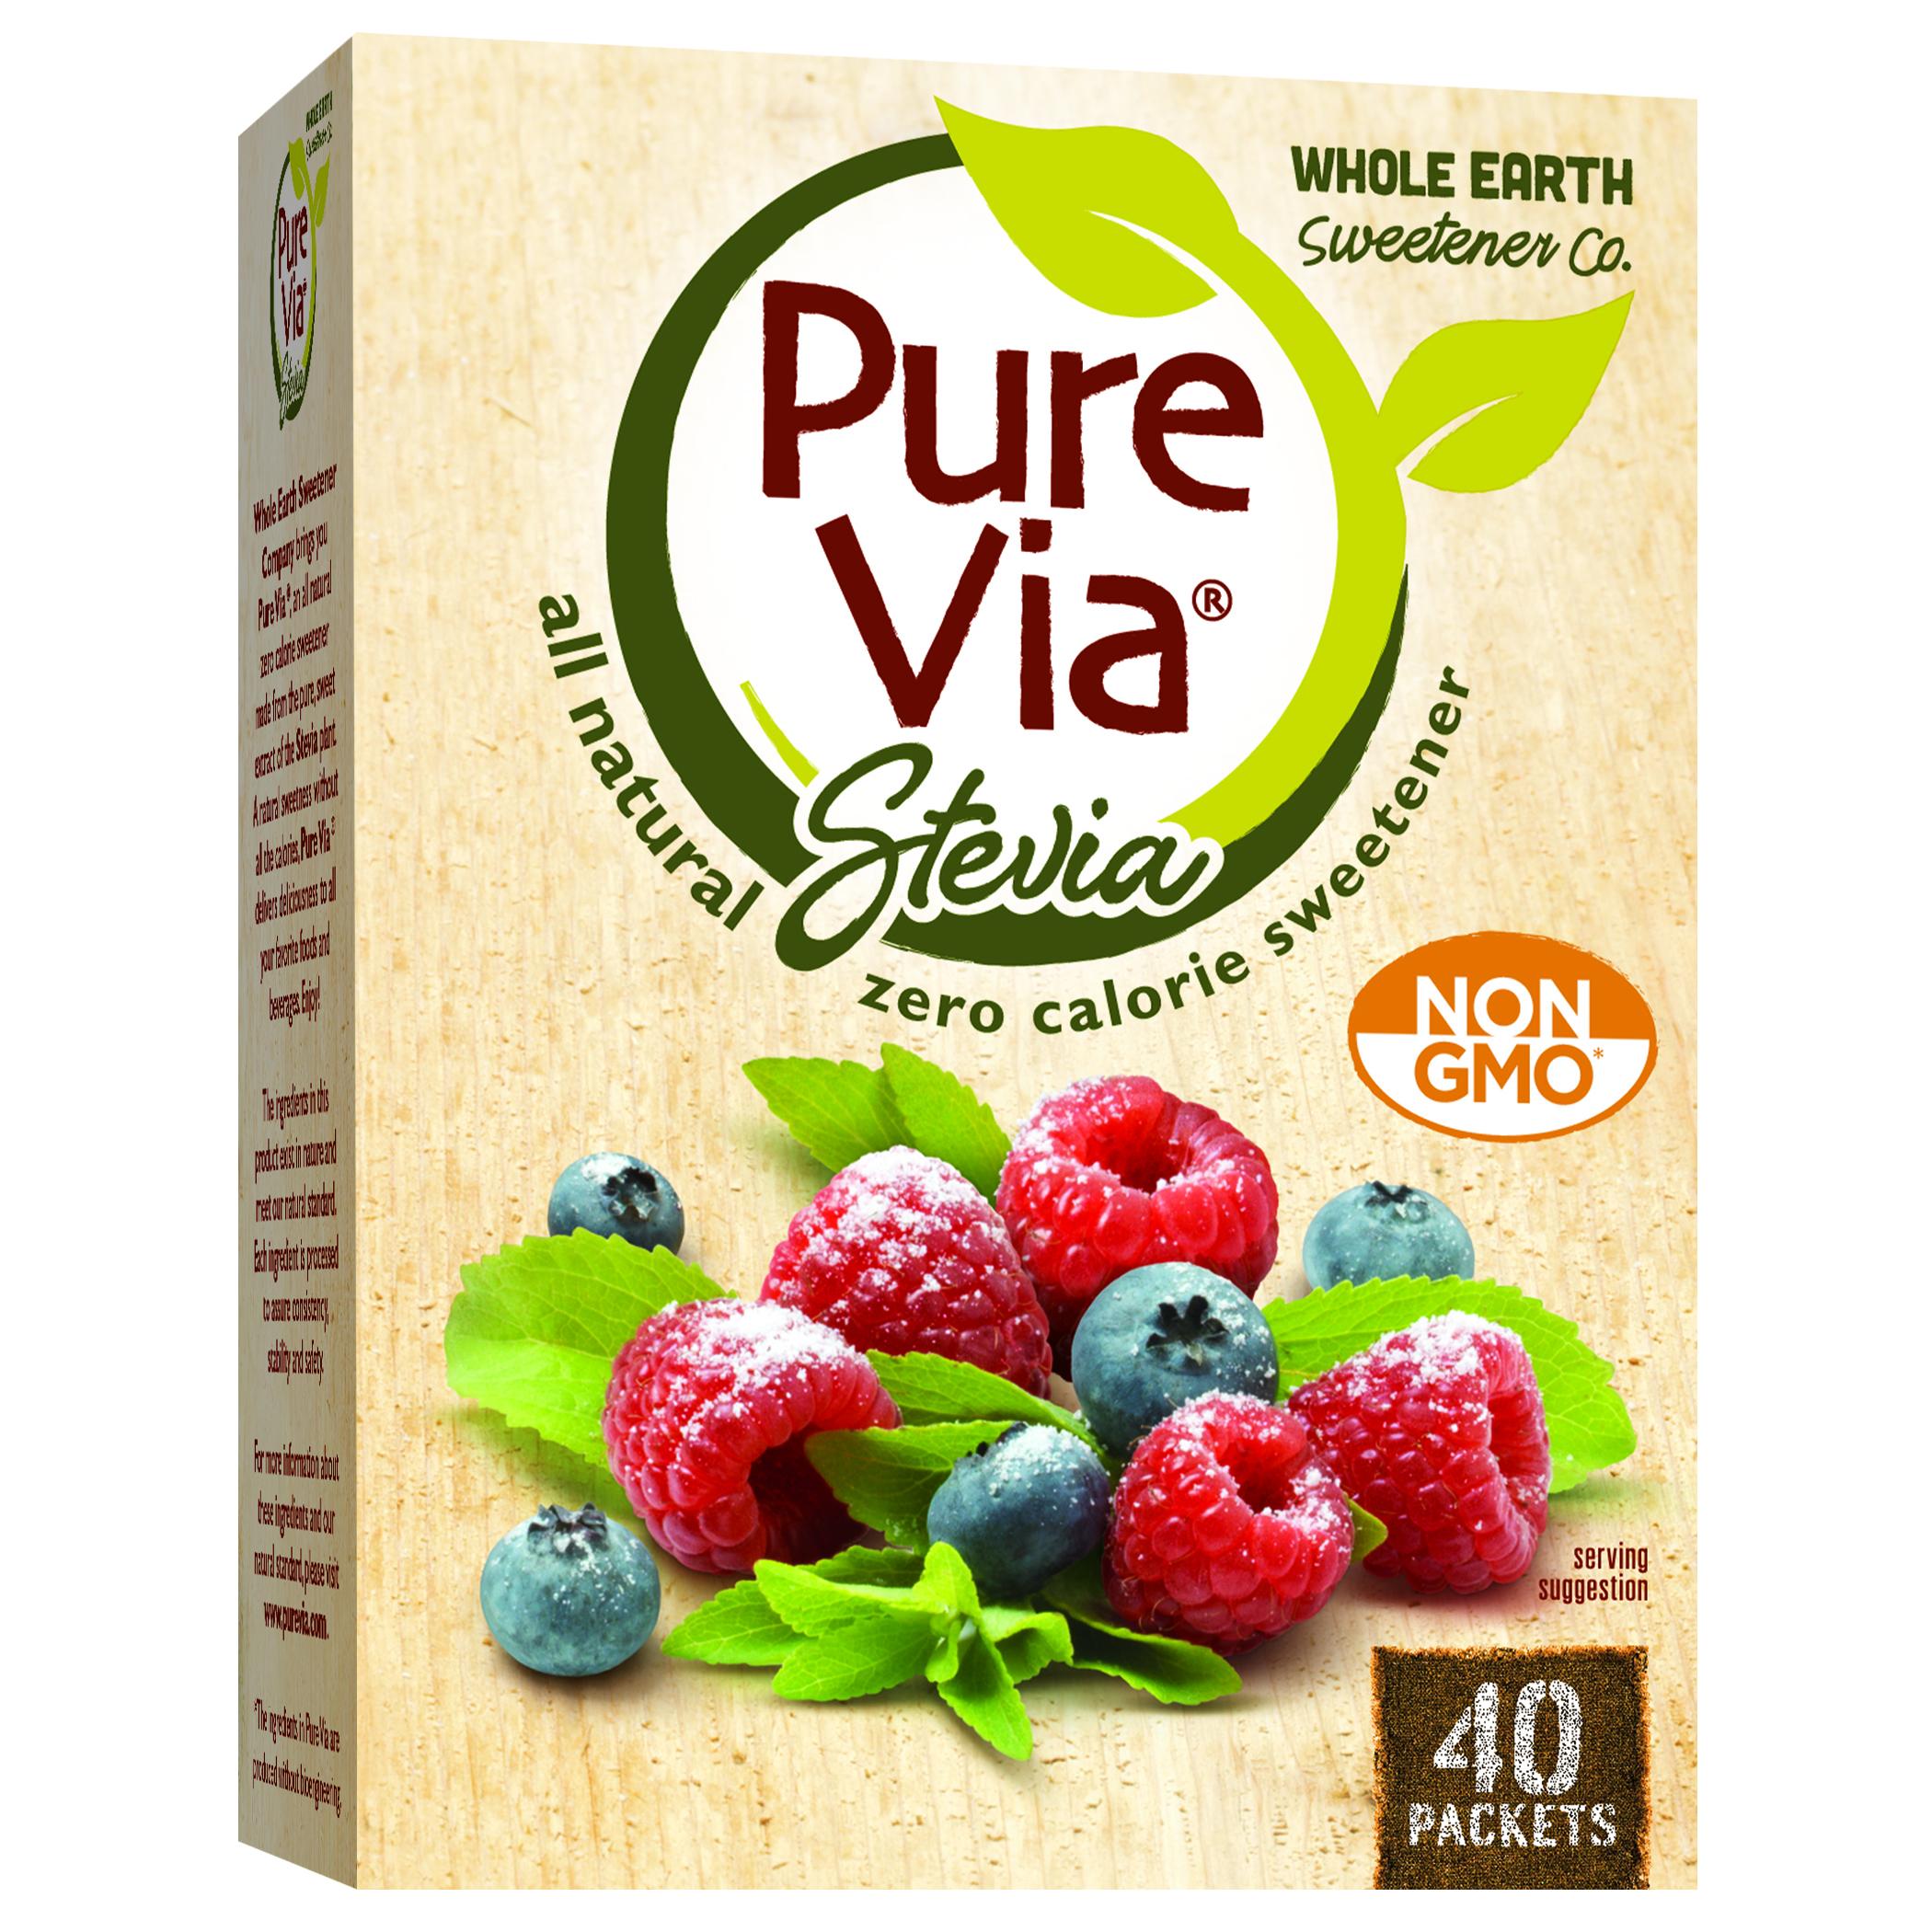 Pure Via Stevia 40 CT NONGMO